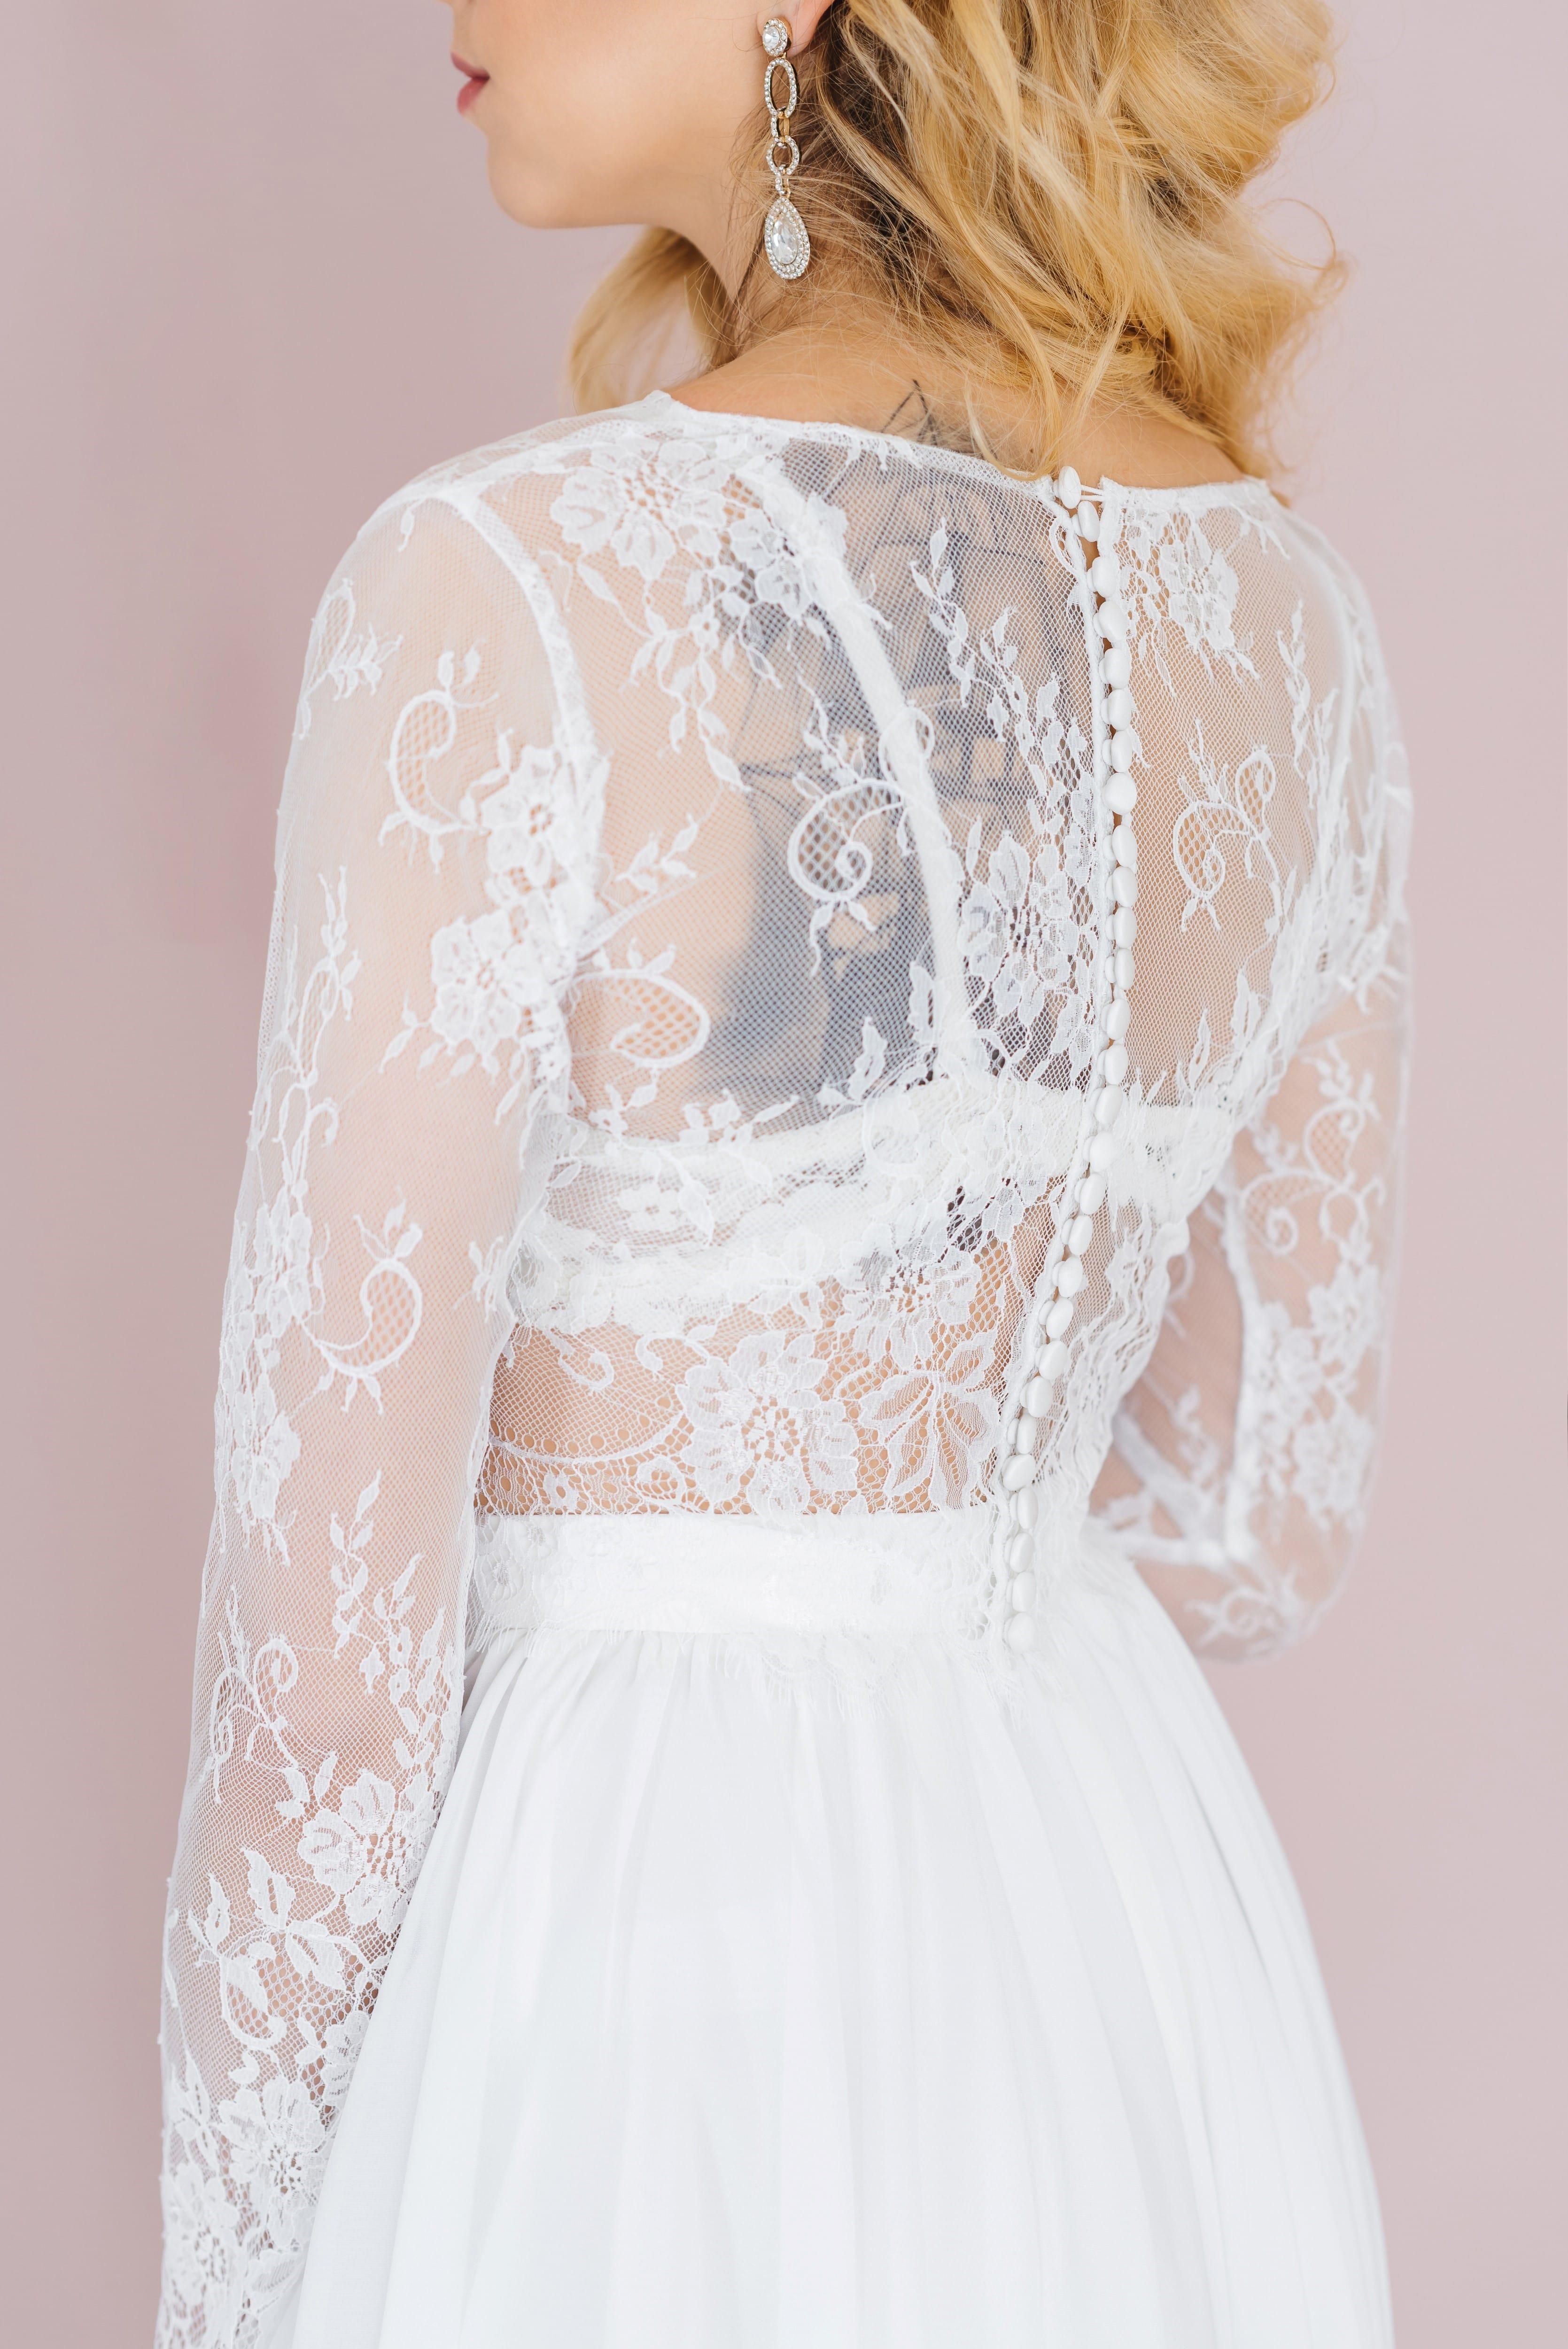 Свадебное платье SALLI, коллекция LOFT, бренд RARE BRIDAL, фото 5